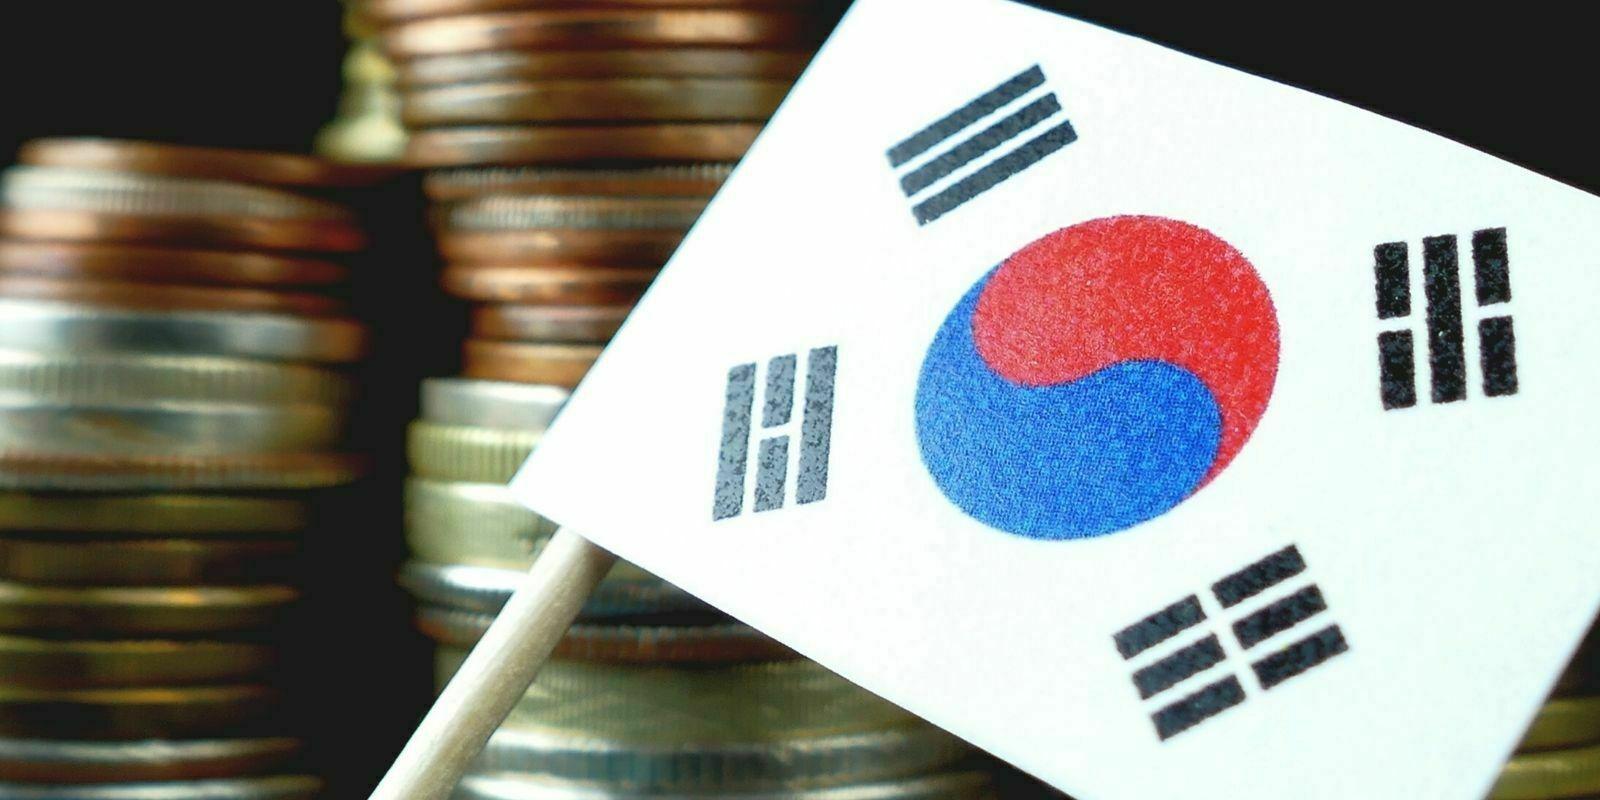 La Corée du Sud prévoit d'investir $382M dans la R&D de la blockchain pour les 6 prochaines années